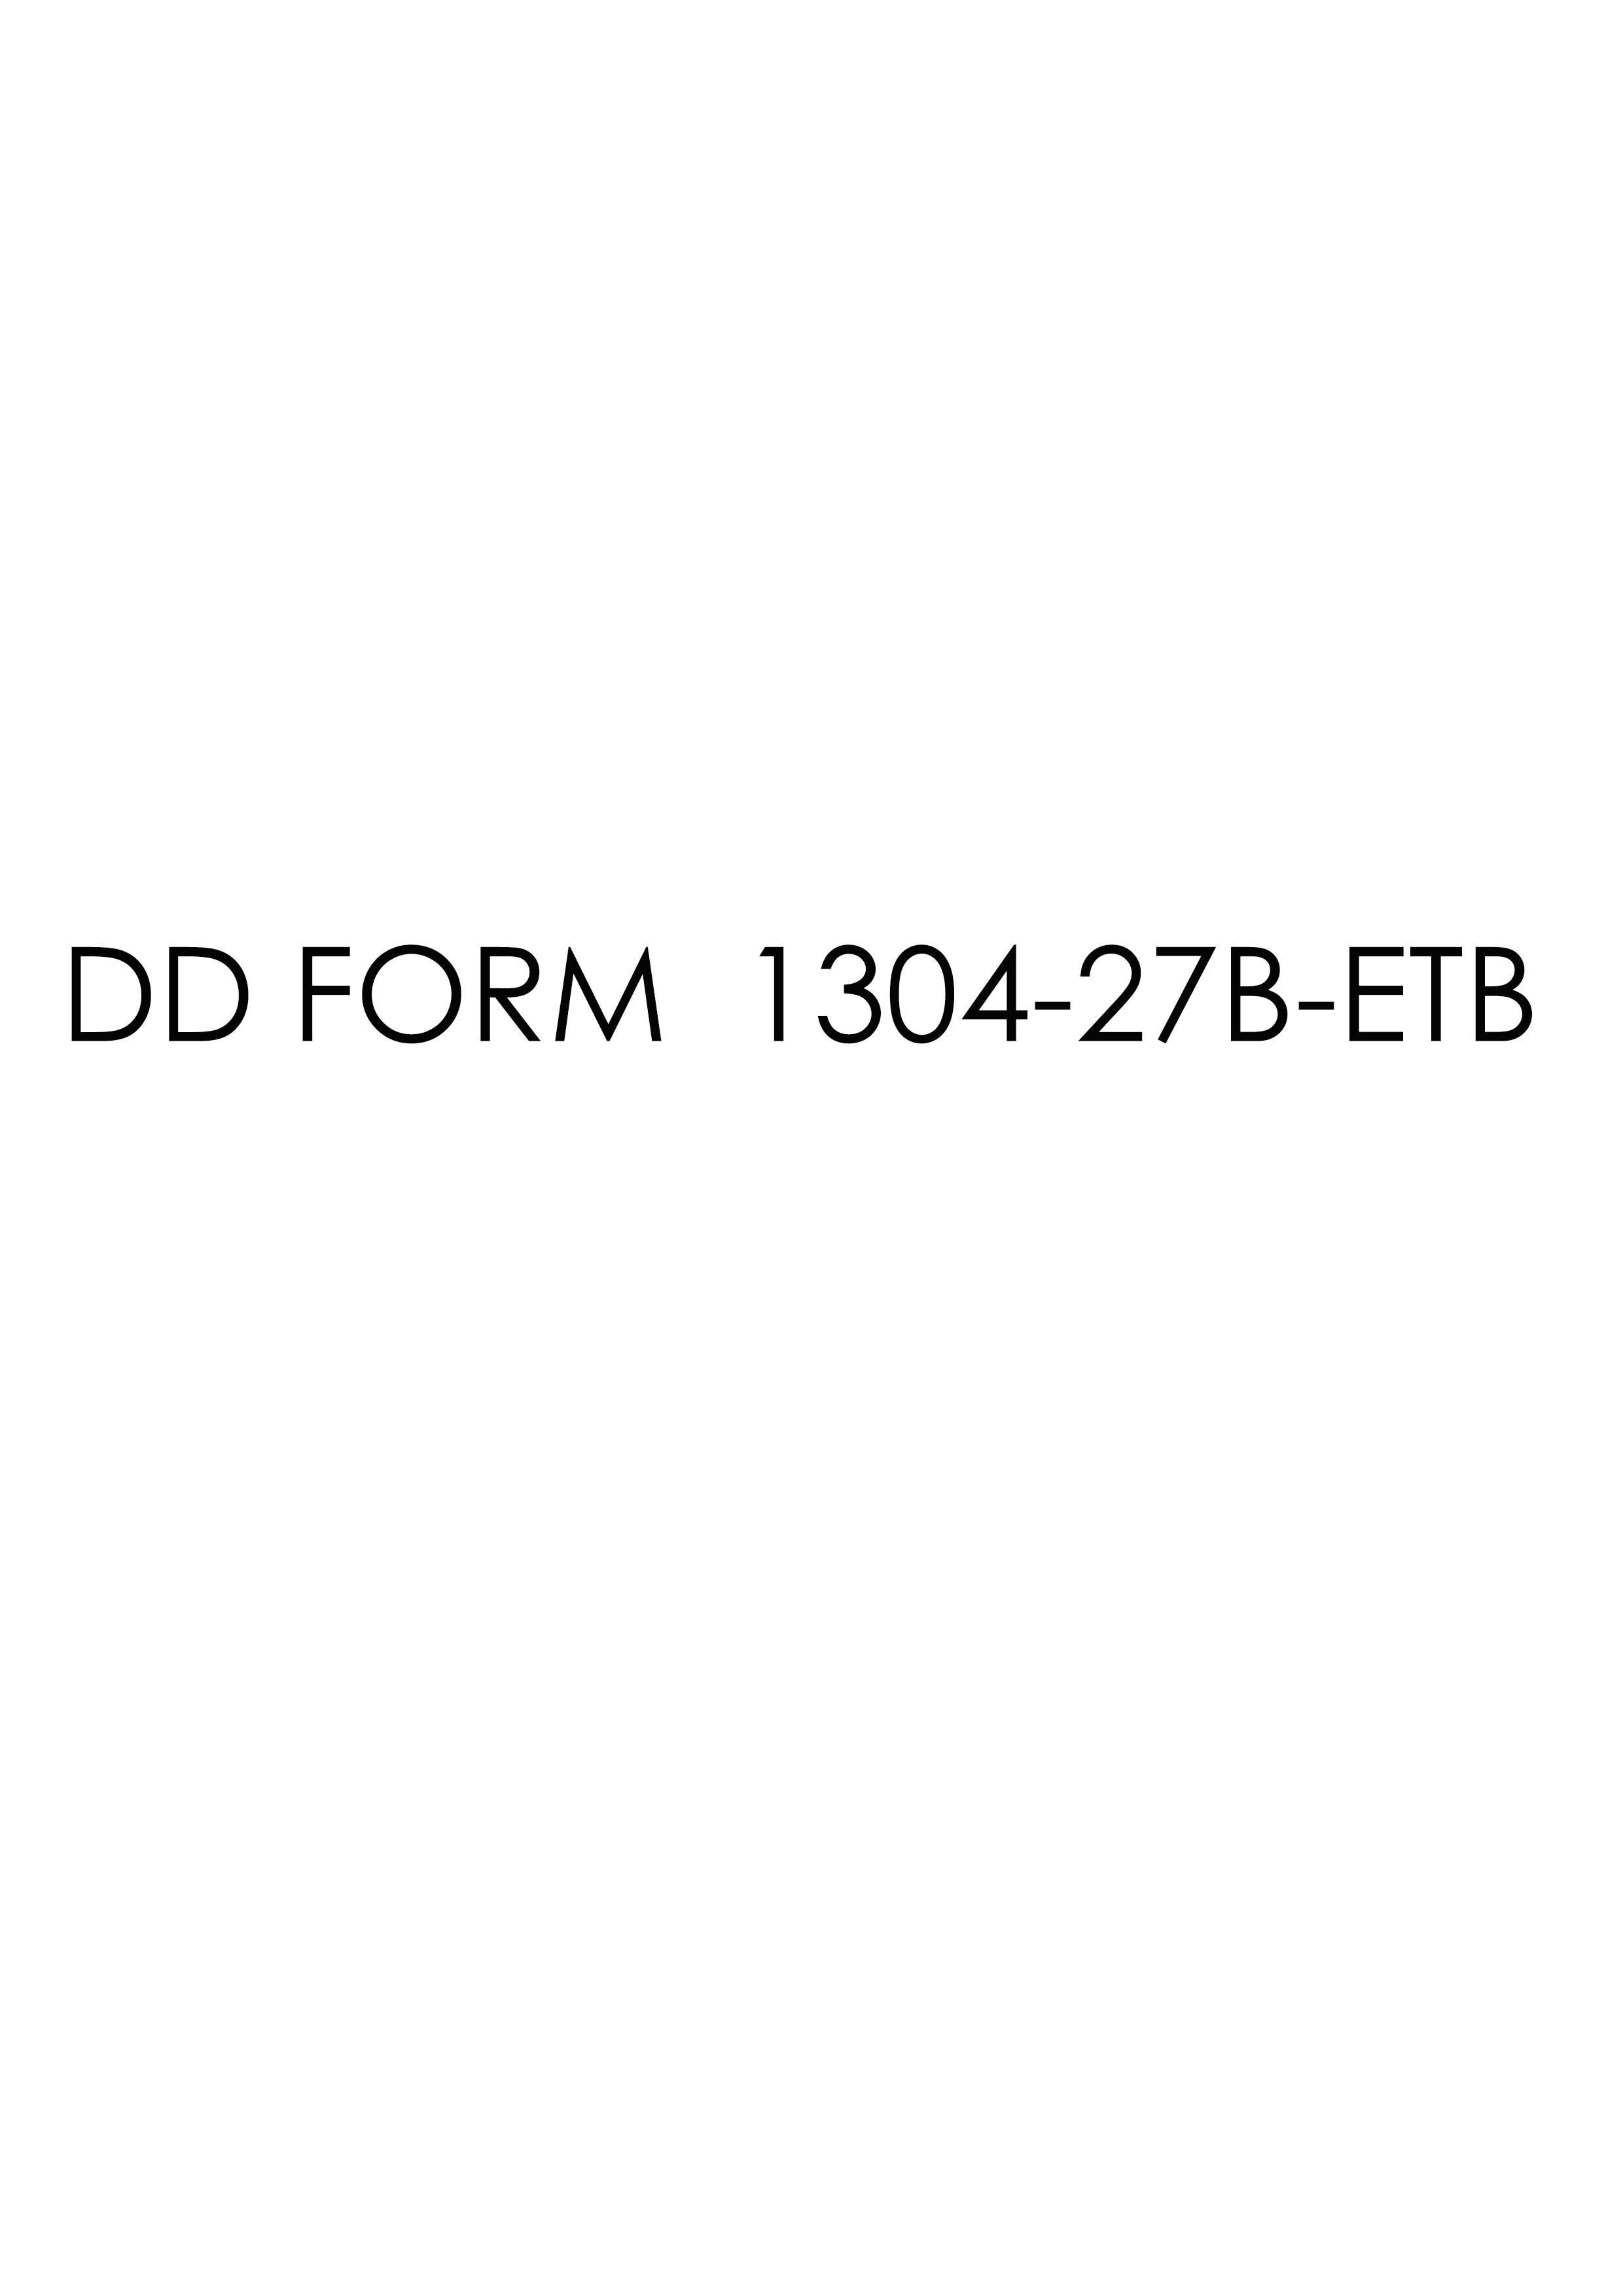 Download dd Form 1304-27B-ETB Free